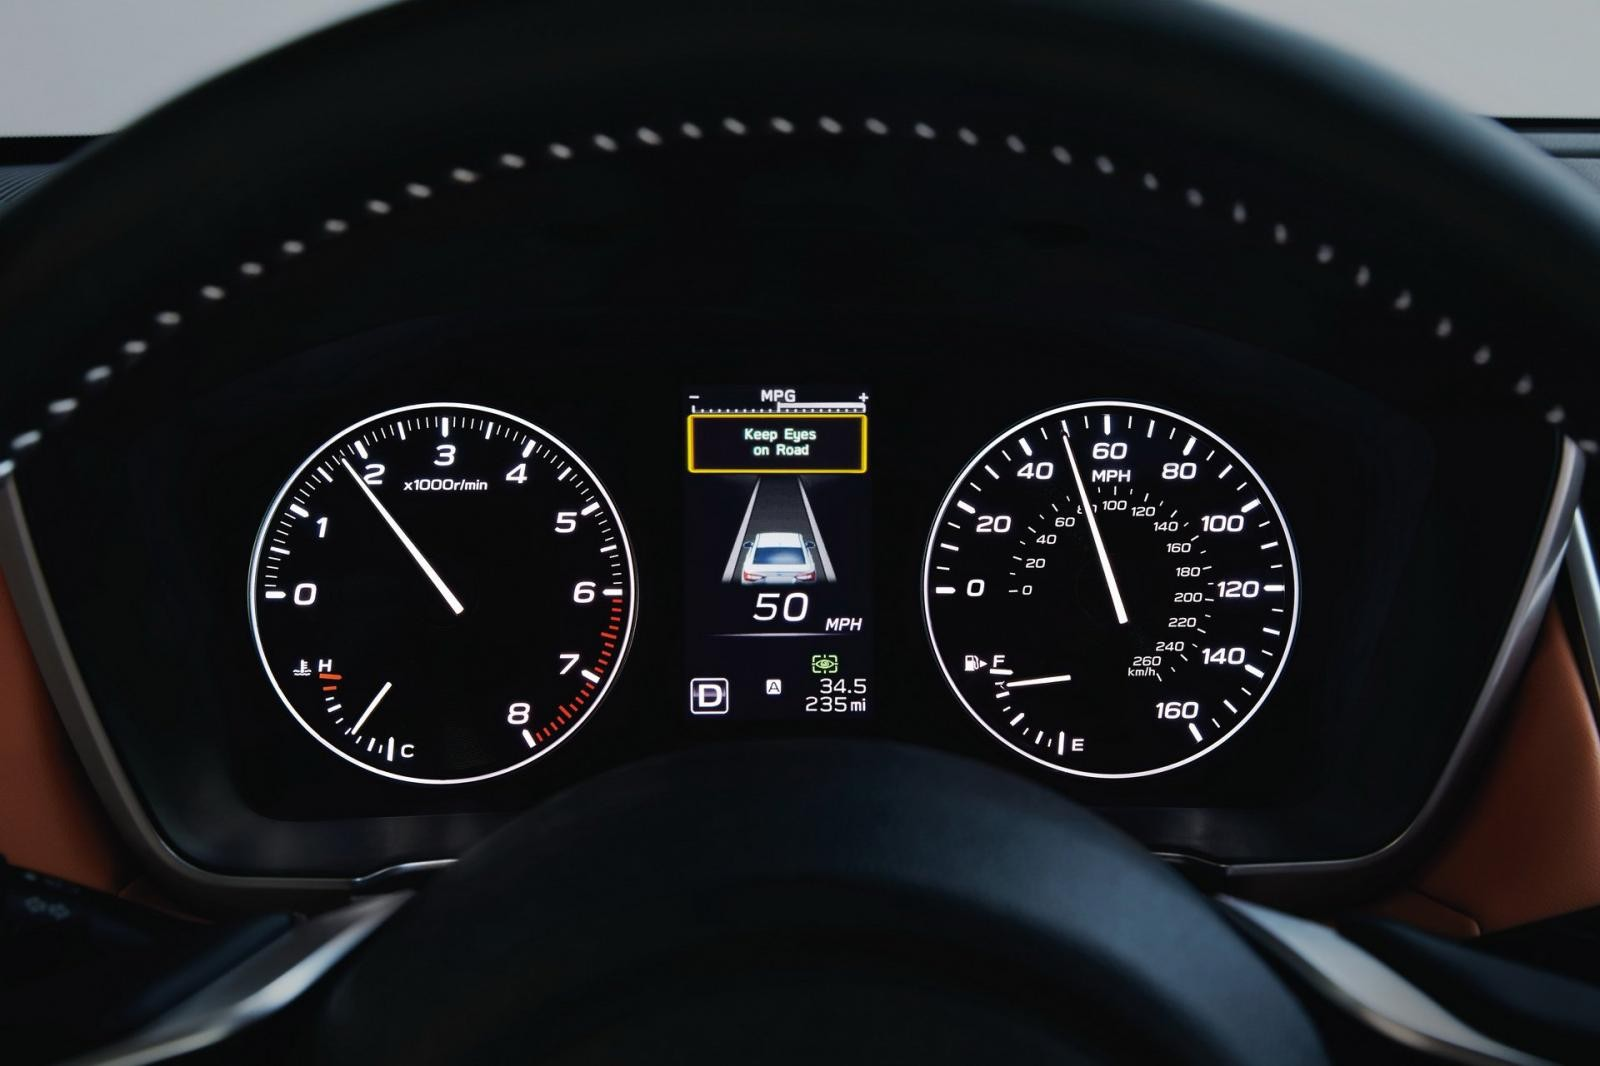 Bảng điều khiển trung tâm của Subaru Legacy 2020